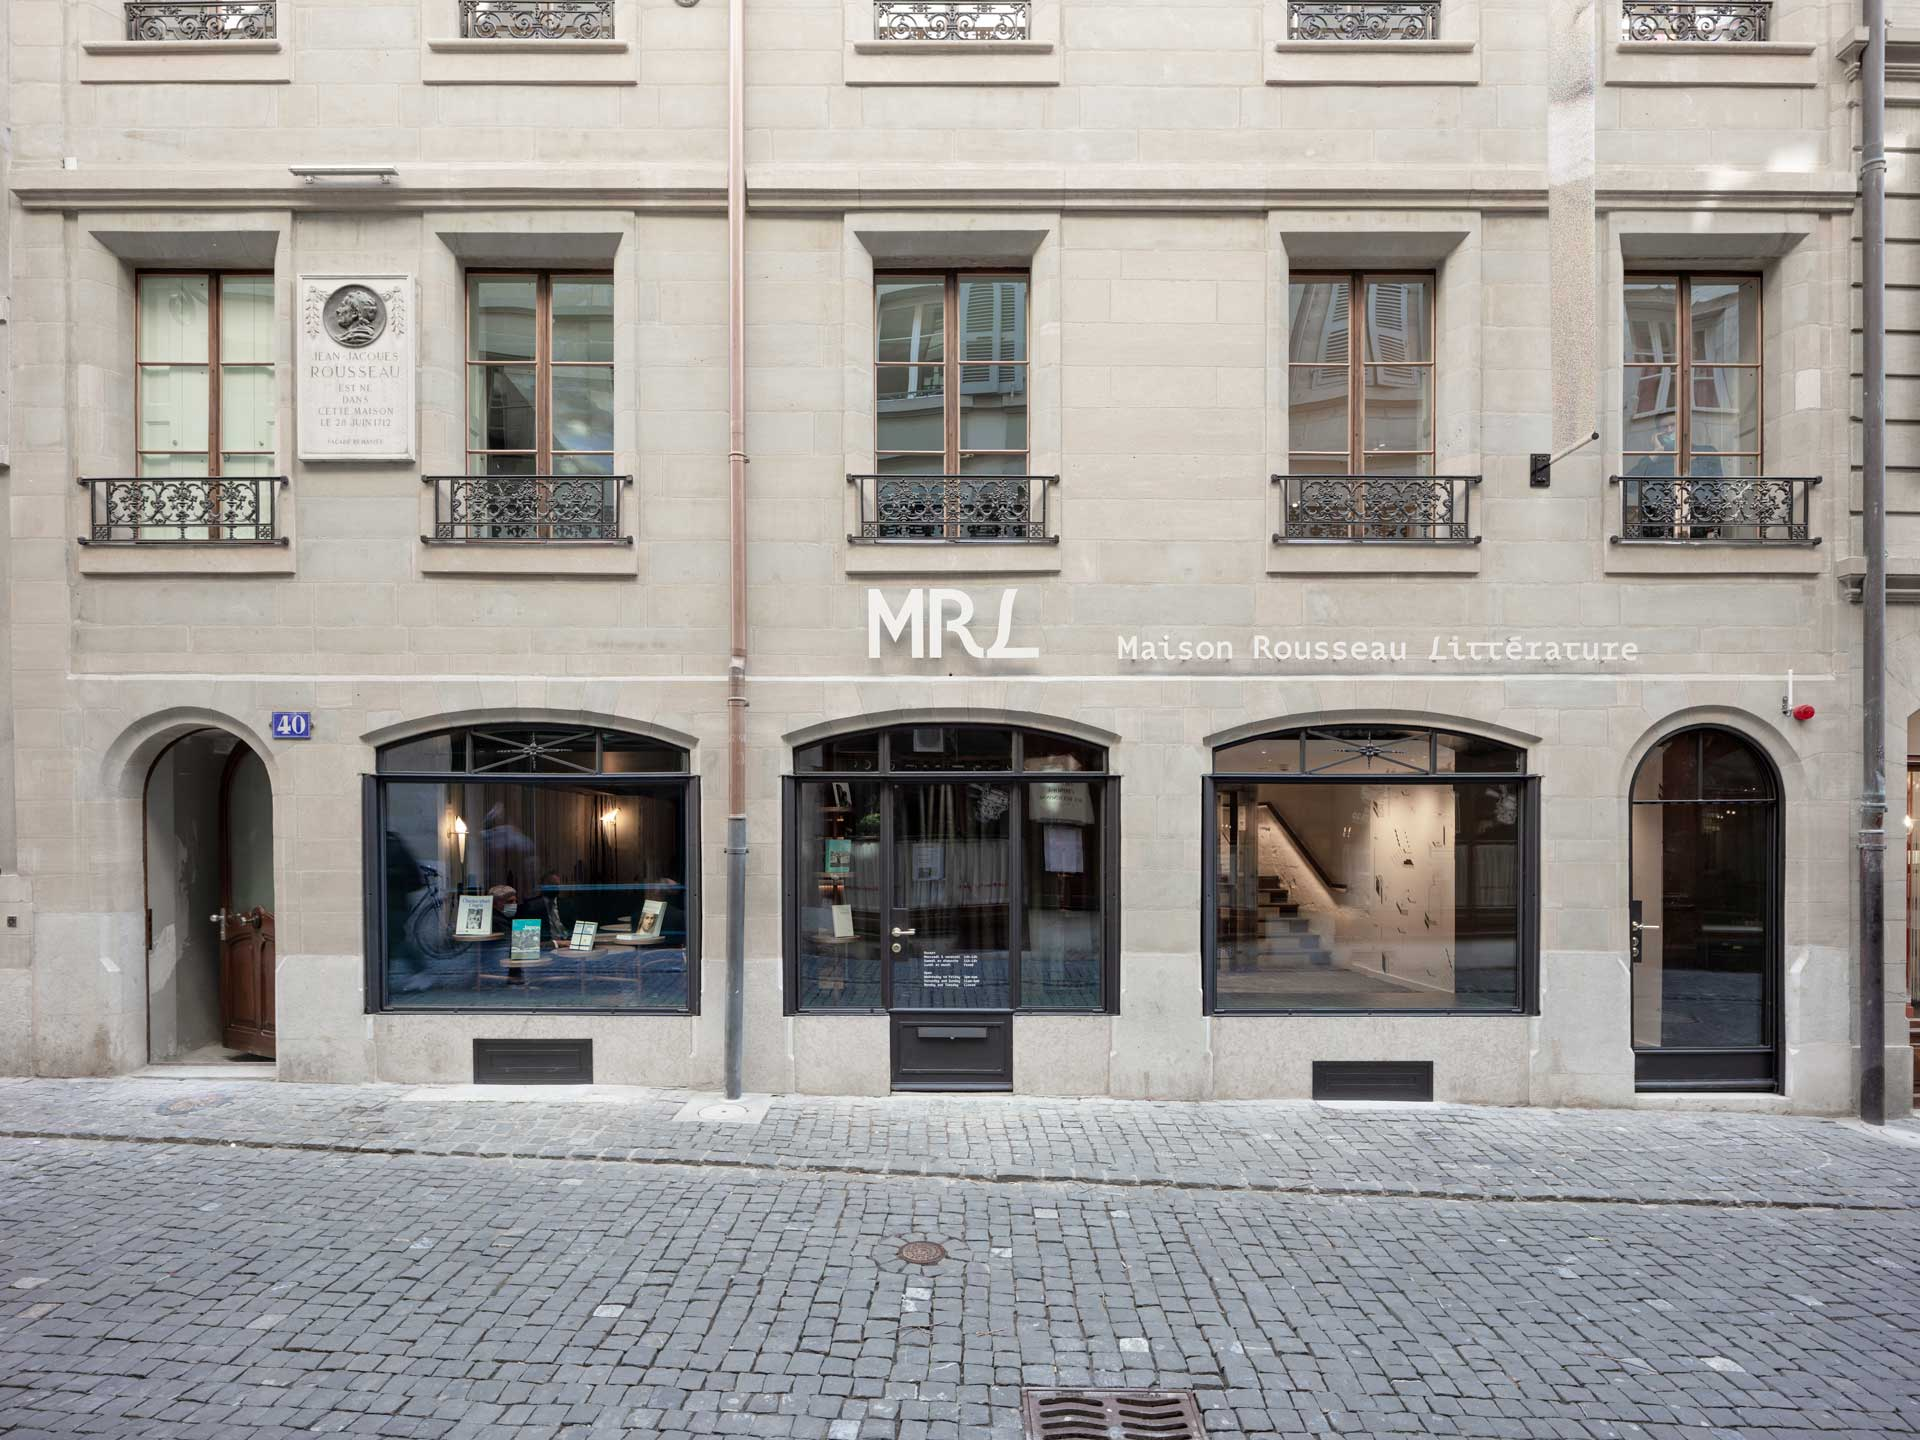 Photo de Maison Rousseau et Littérature